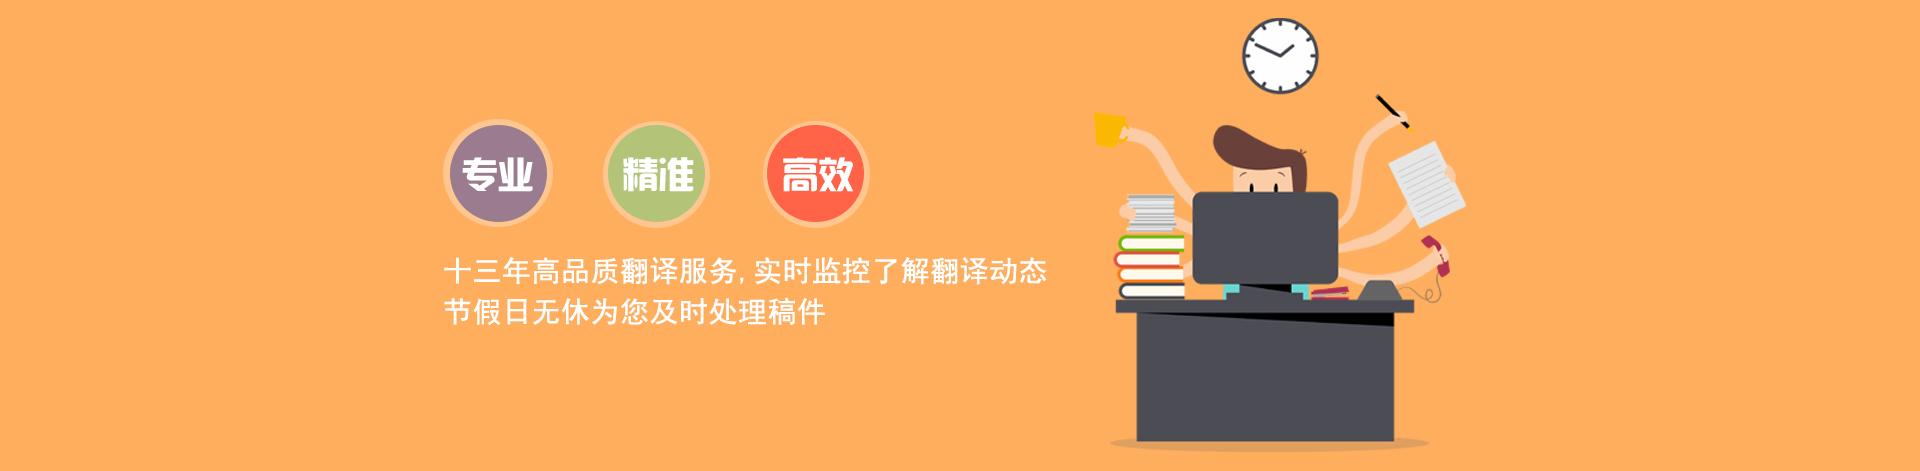 天译翻译高效精准专业